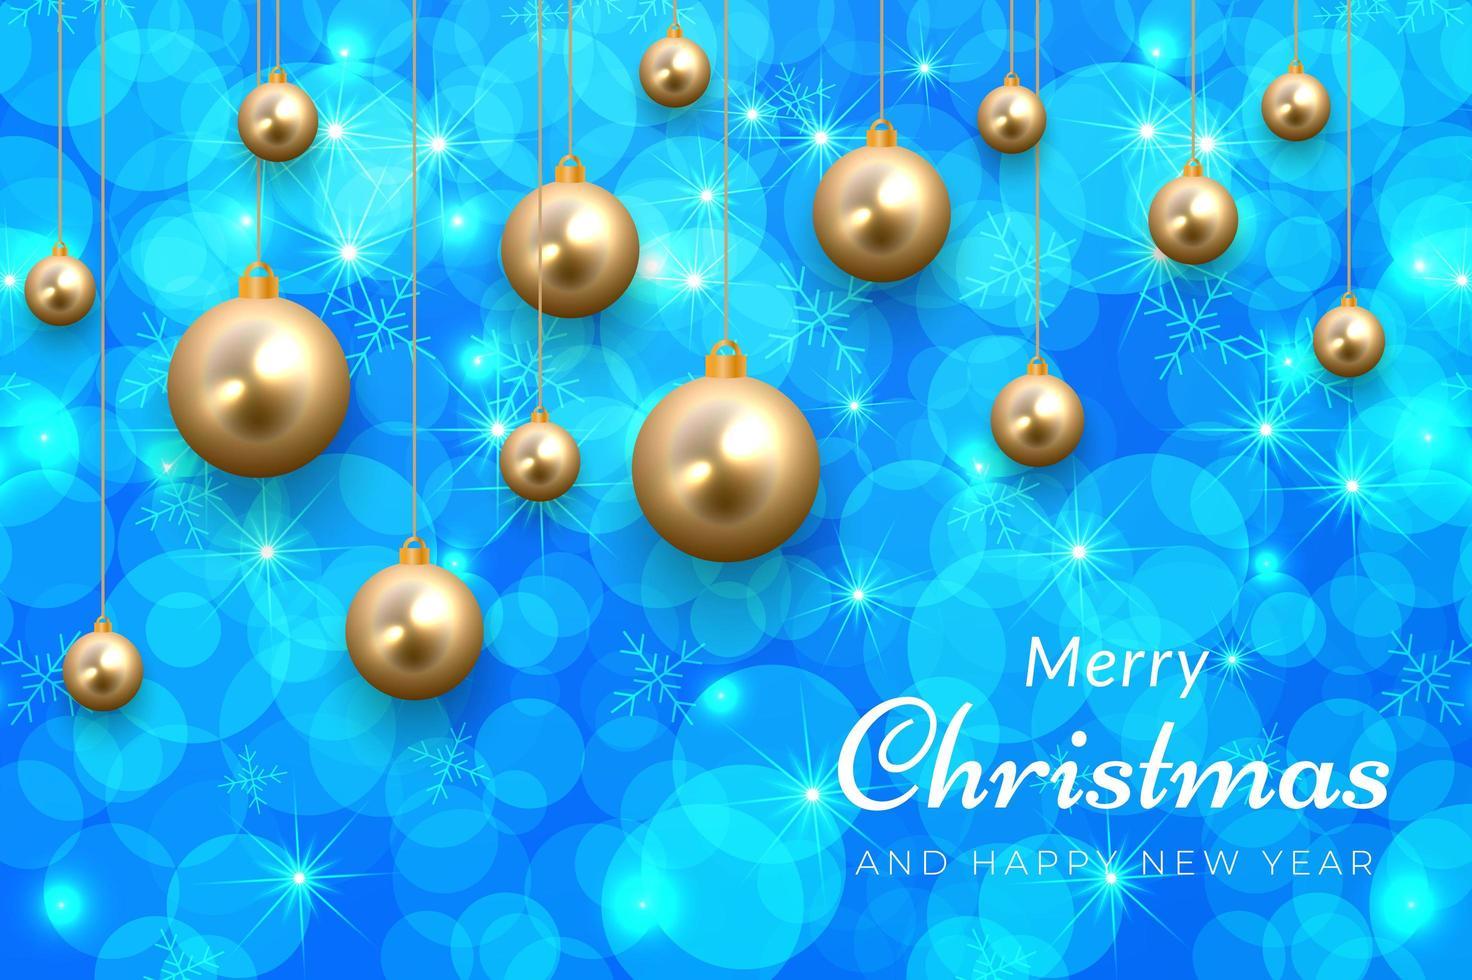 sfondo blu celebrazione di Natale con ornamenti d'oro vettore